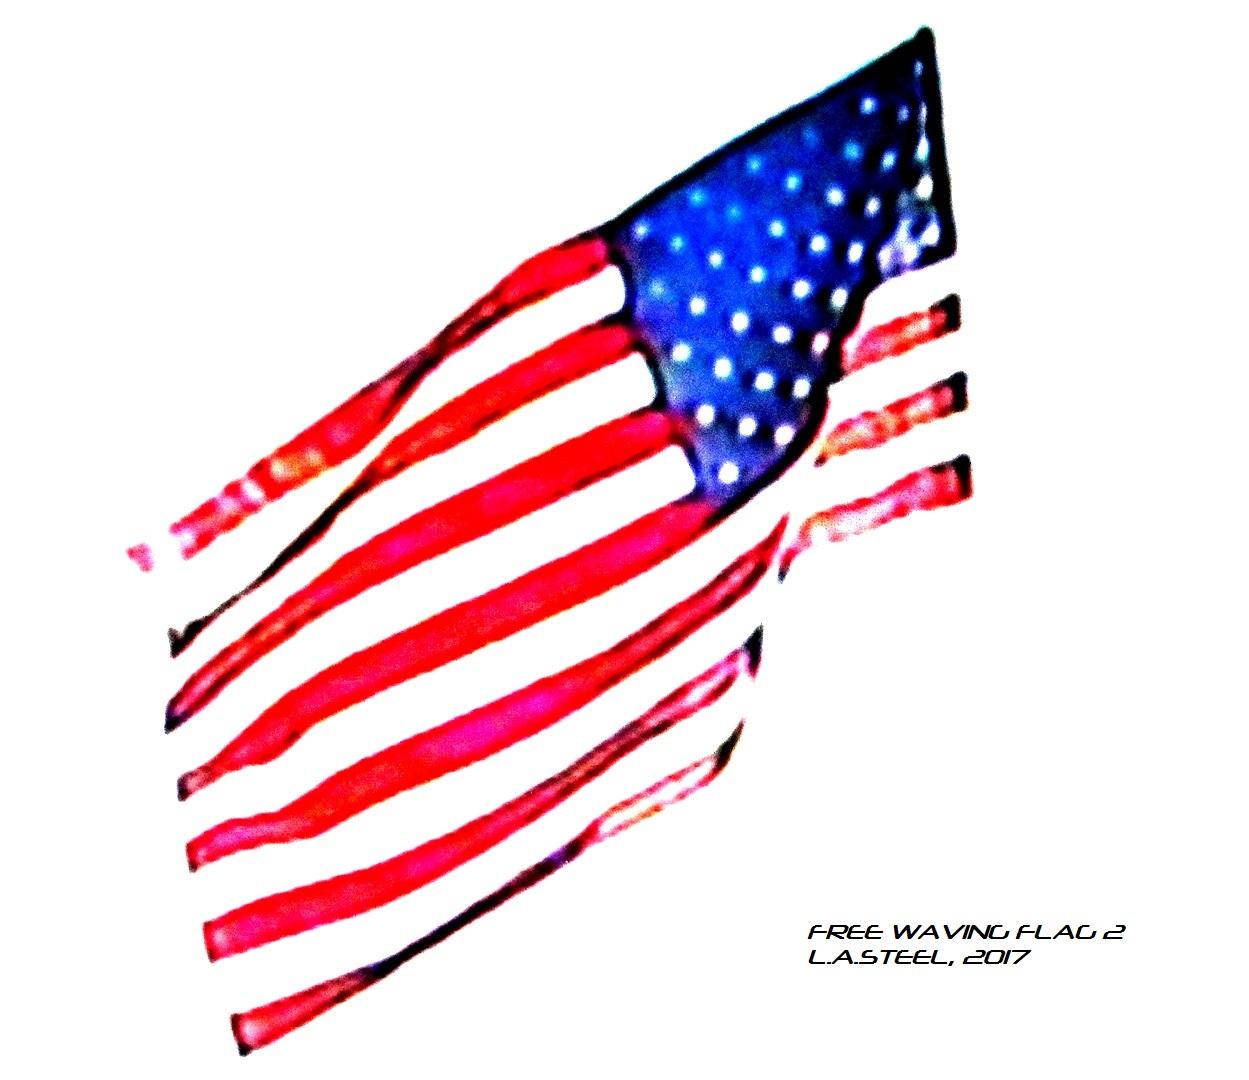 FREE WAVING FLAG 3